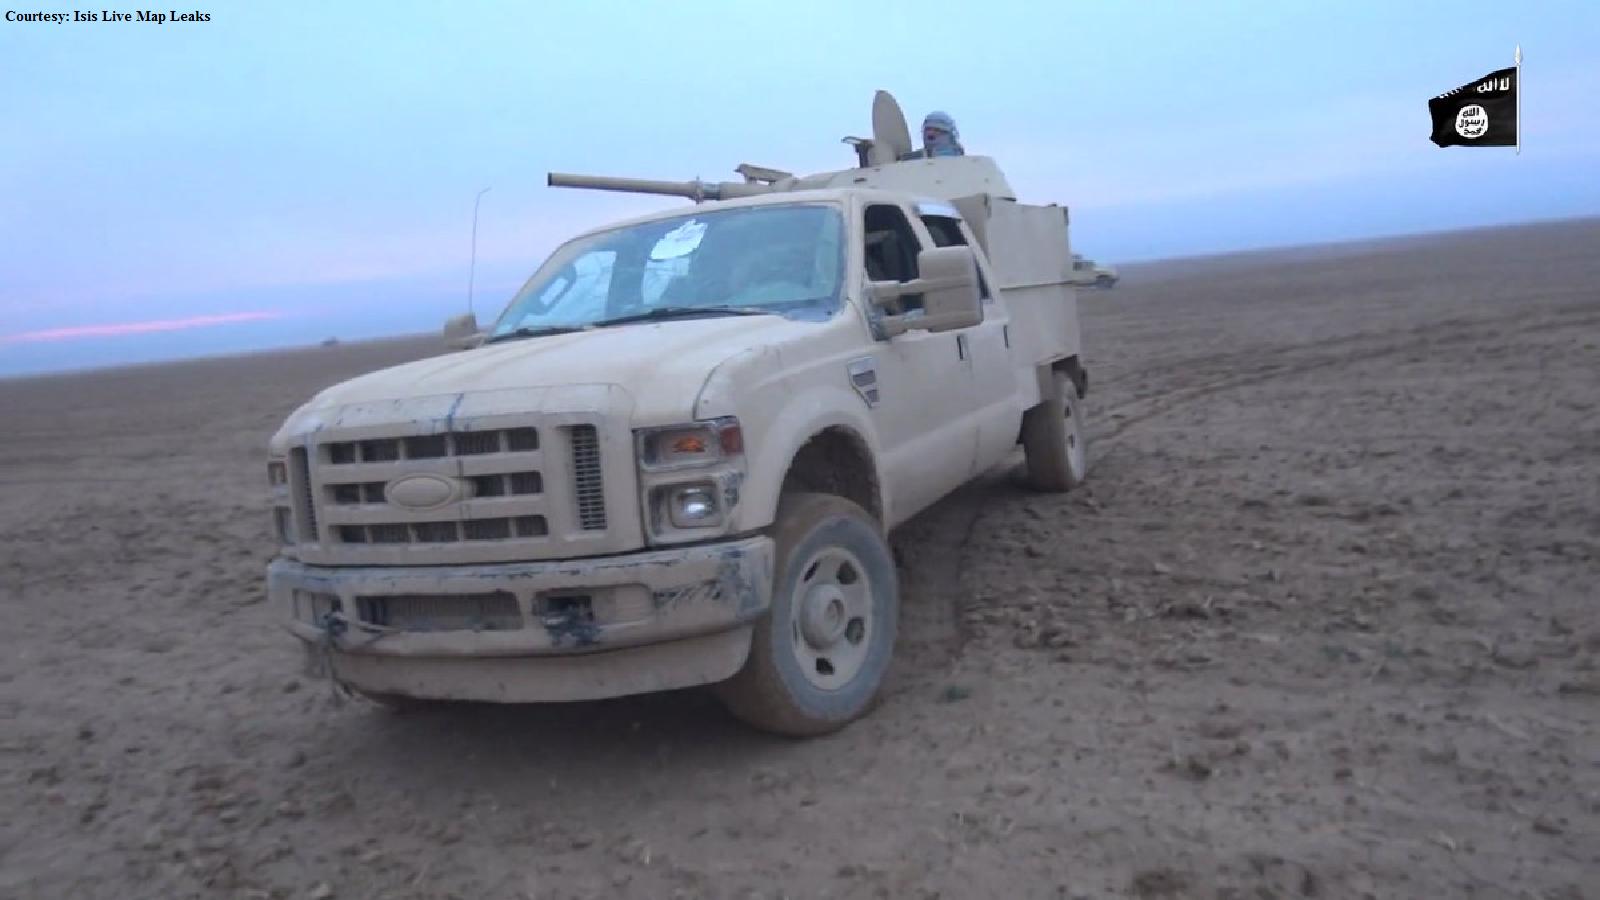 A Makeshift Artillery Vehicle